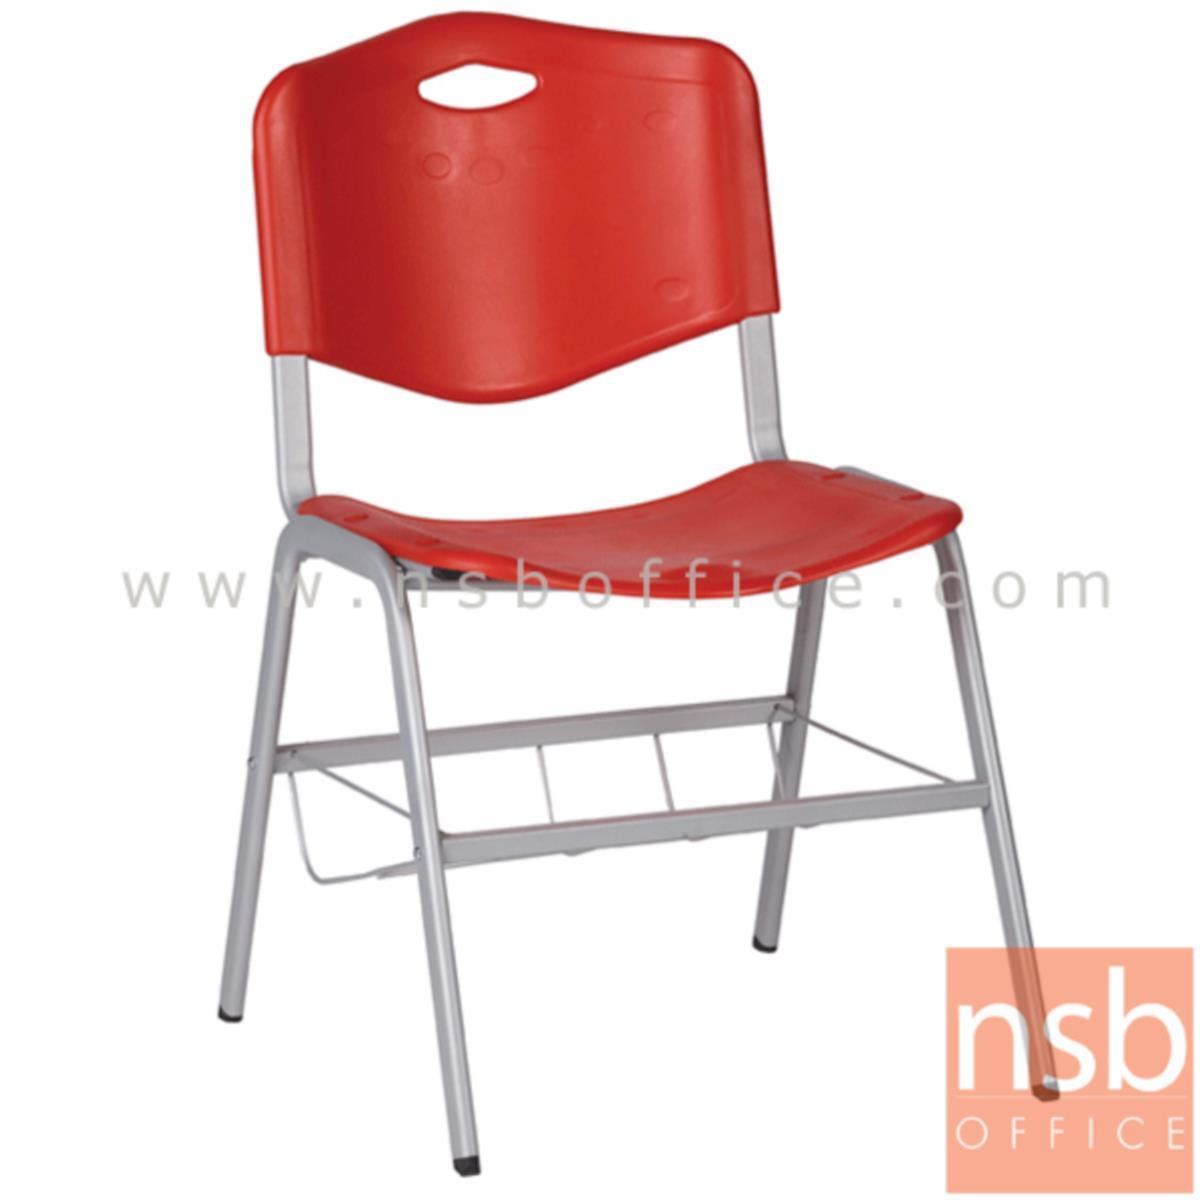 เก้าอี้อเนกประสงค์เฟรมโพลี่ รุ่น B218-318  ขาเหล็กพ่นสีเทา